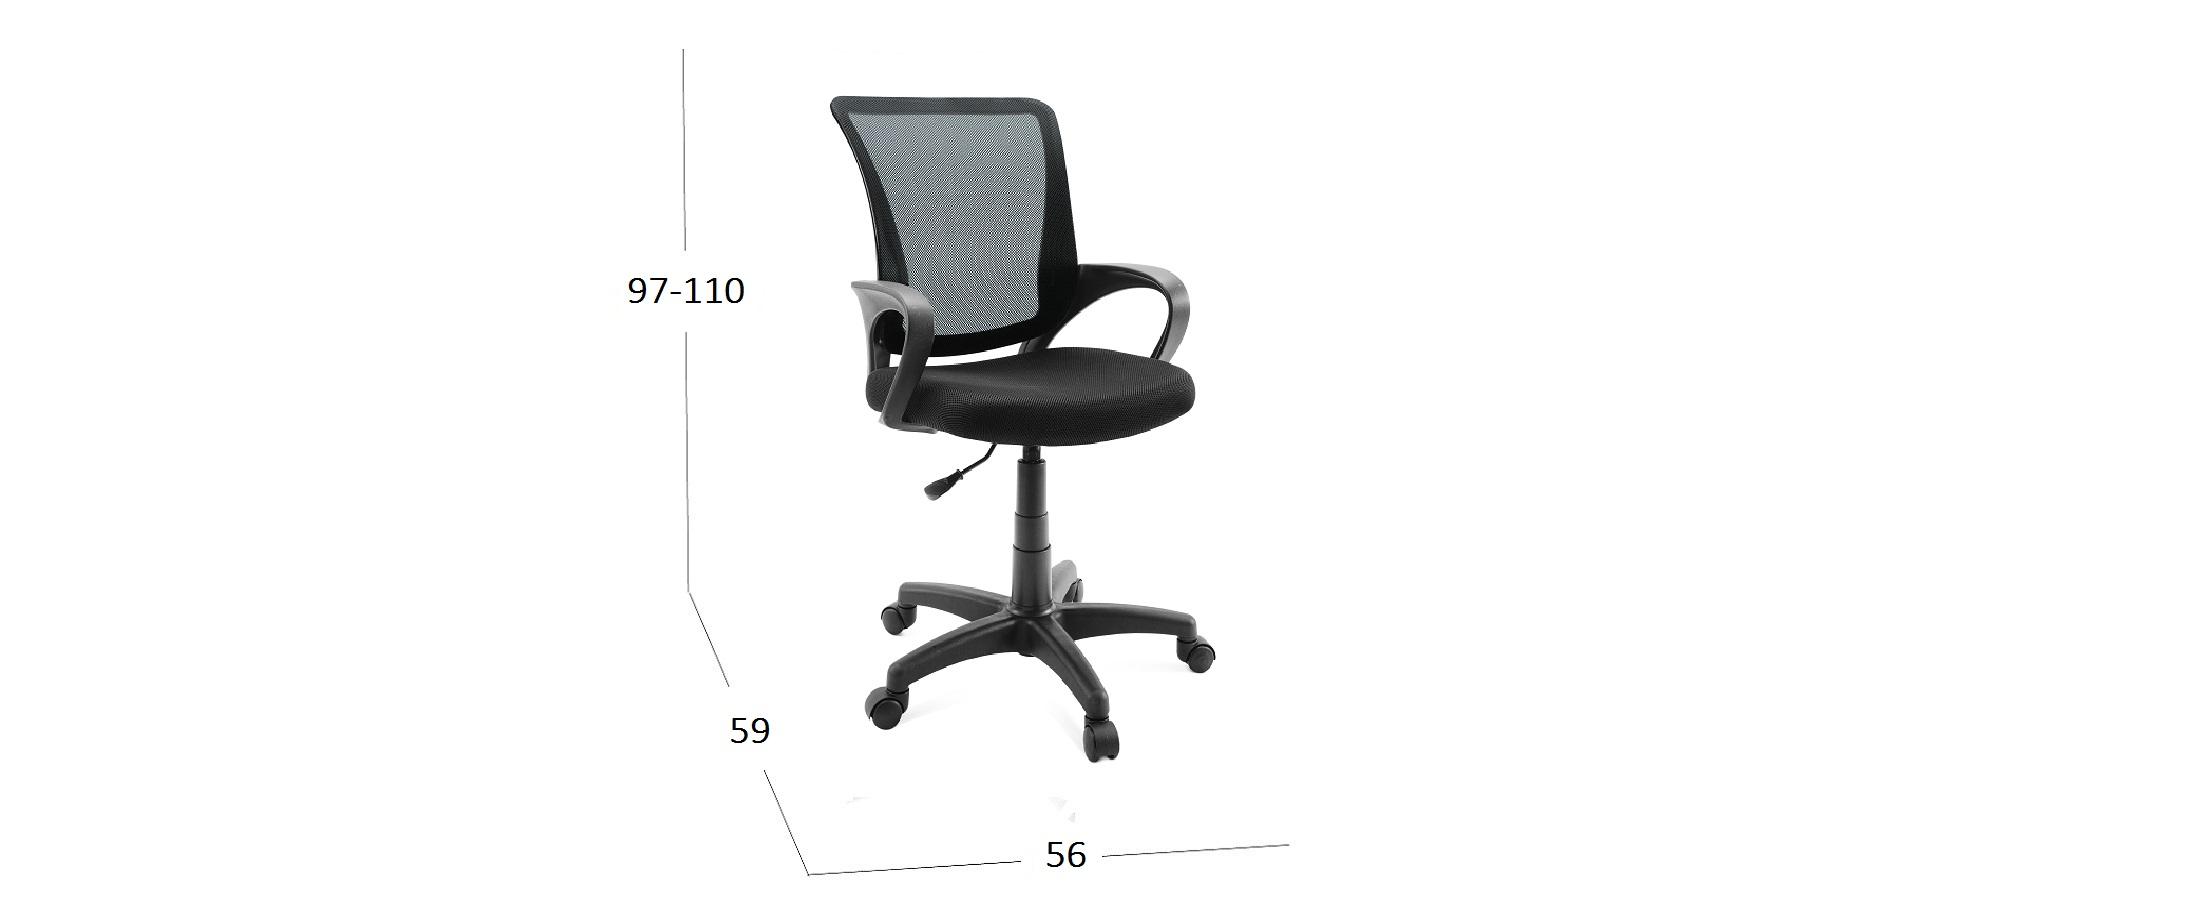 Кресло SN13 Модель 376Кресло офисное SN13 черное Модель 376. Артикул Д001067